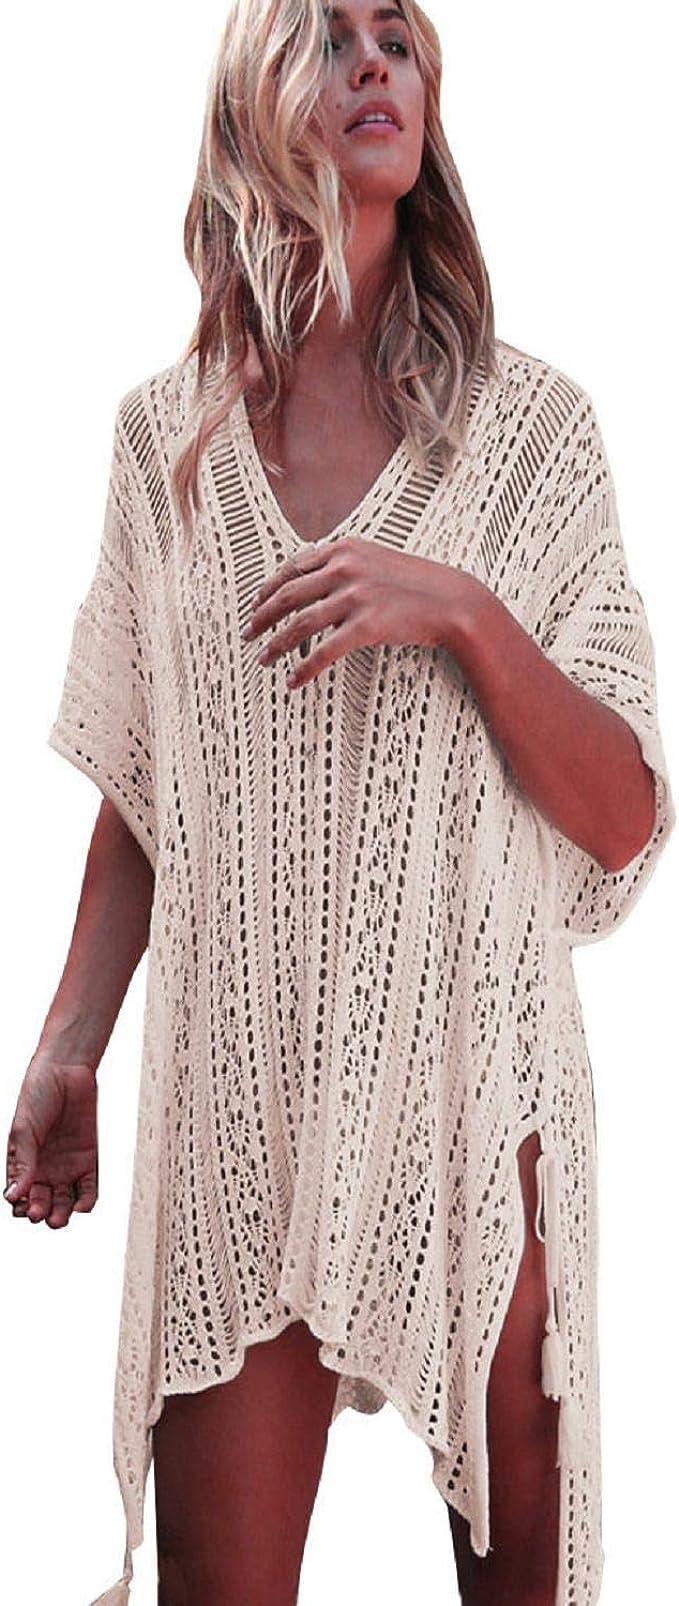 Oyamiki Women Chiffon Tassel Swimsuit Bikini Stylish Beach Cover up